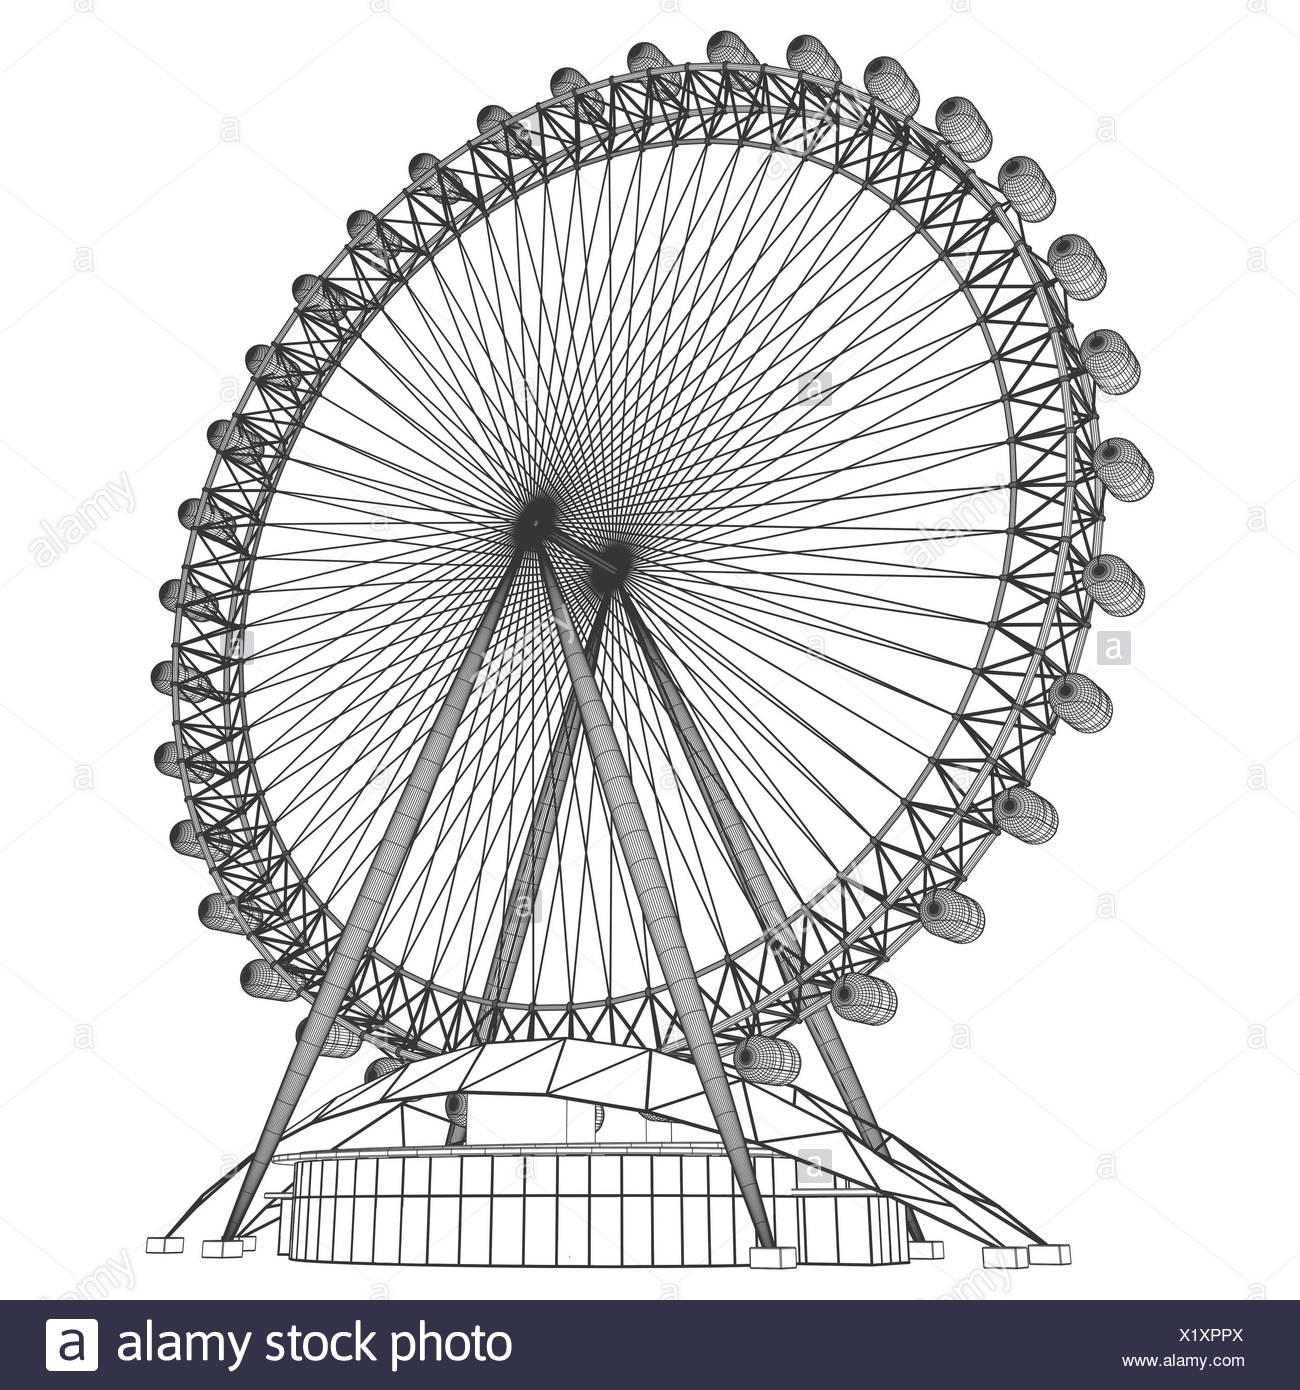 Round Carousel Stock Photo